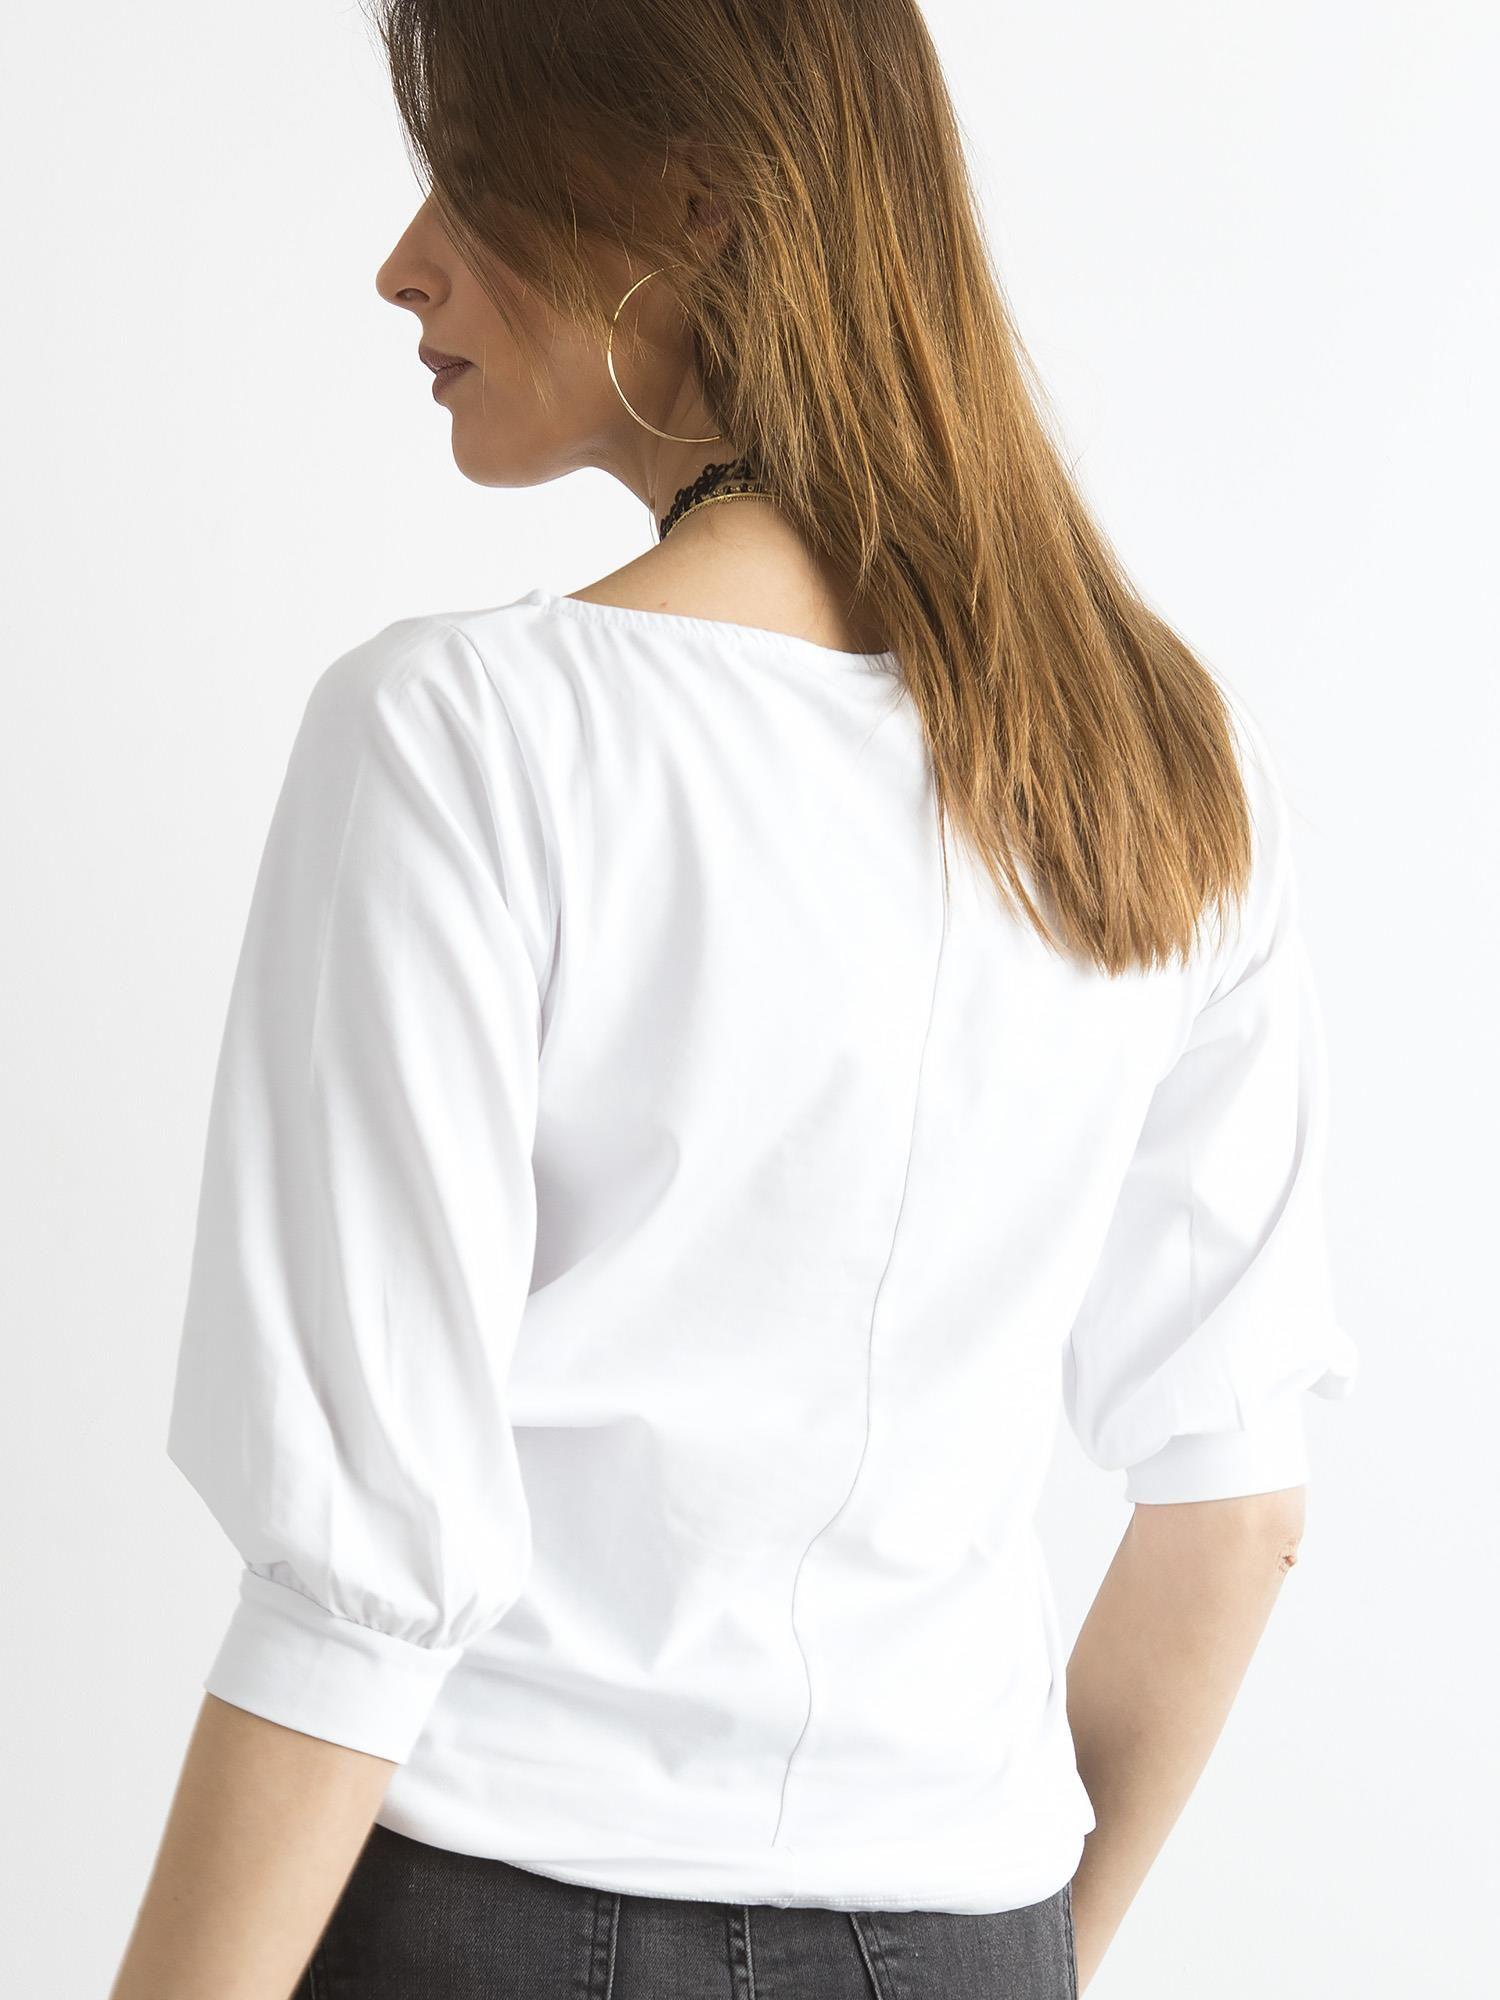 d5fa420d5151de Biała bluzka z nadrukiem i rękawem 3/4 - Bluzka na co dzień - sklep ...